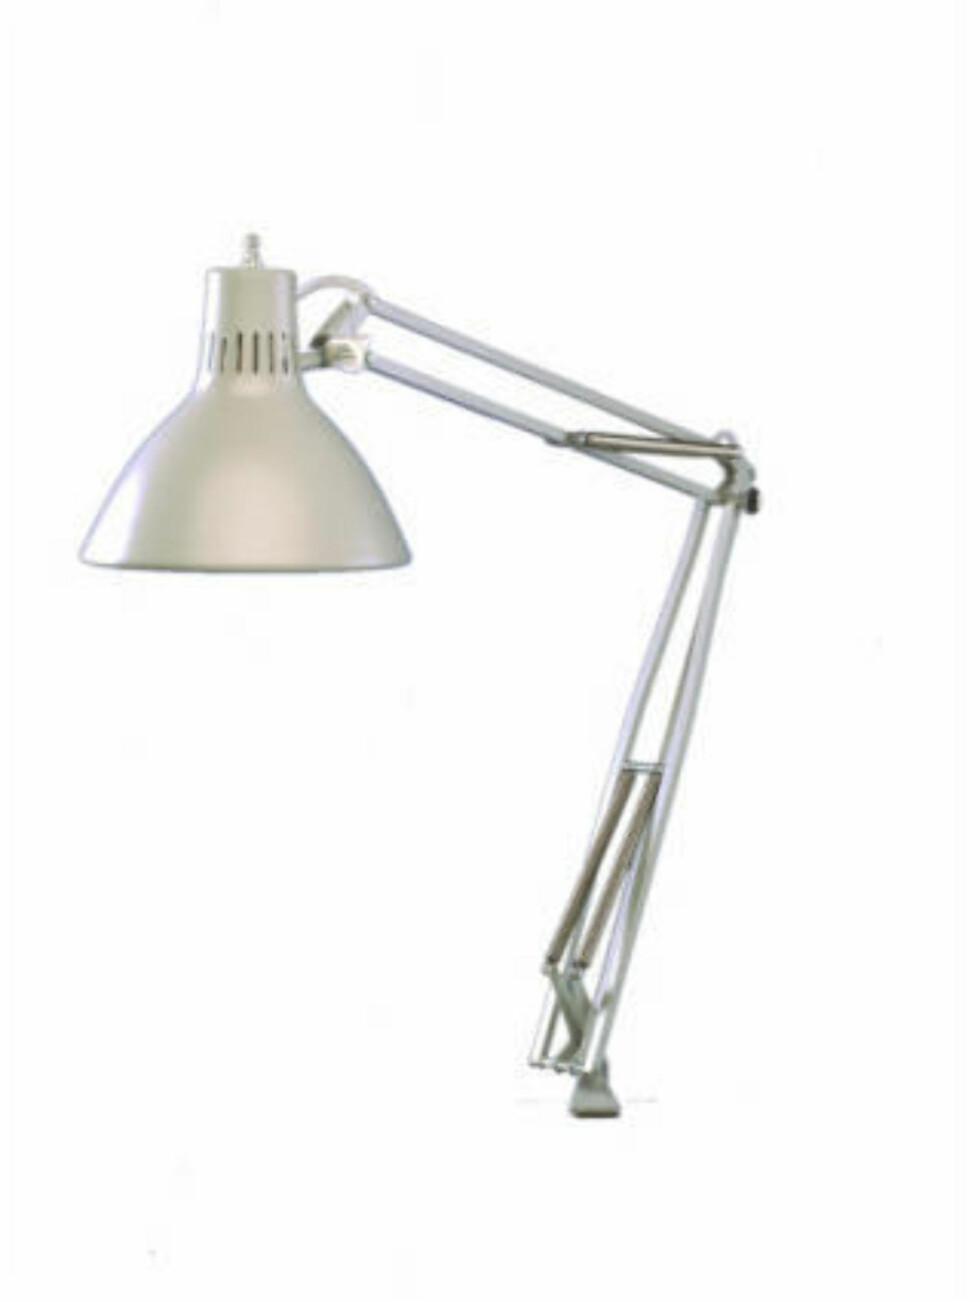 ORIGINALEN: Luxo har produsert lamper i over 70 år, og modellen LS er mest lik den Pixar har kopiert.